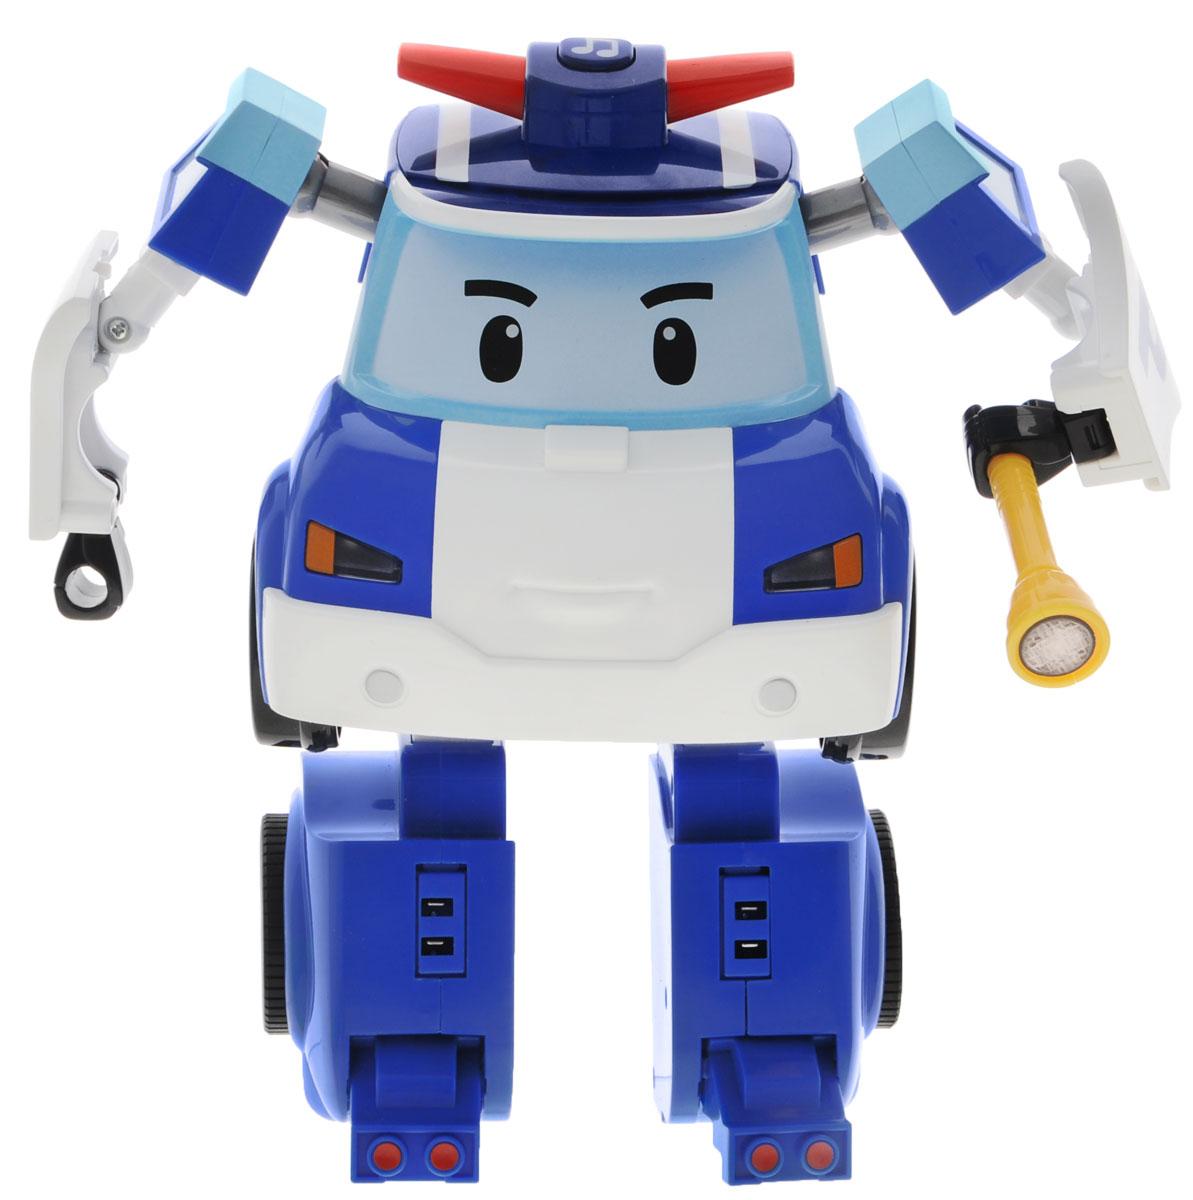 Robocar Poli Робот-трансформер на радиоуправлении Поли83185Робот-трансормер на радиоуправлении Поли непременно понравится вашему ребенку. Он выполнен в виде полицейской машинки-робота Поли - персонажа мультфильма Robocar Poli. У робота подвижные руки и ноги. В комплект с ним входят: фонарик, полицейская дубинка, бензопила и дрель. Поли может трансформироваться в машинку. В форме машинки он может управляться с пульта. Поли-машинка при помощи пульта управления может двигаться вперед, назад, поворачивать влево и вправо, включать передние фары, звук сирены и мелодии. Робот-машинка Поли непременно наведет порядок в городке Брумстаун. Порадуйте своего малыша таким замечательным подарком! Необходимо докупить 7 батареек напряжением 1,5V типа ААА (не входят в комплект).